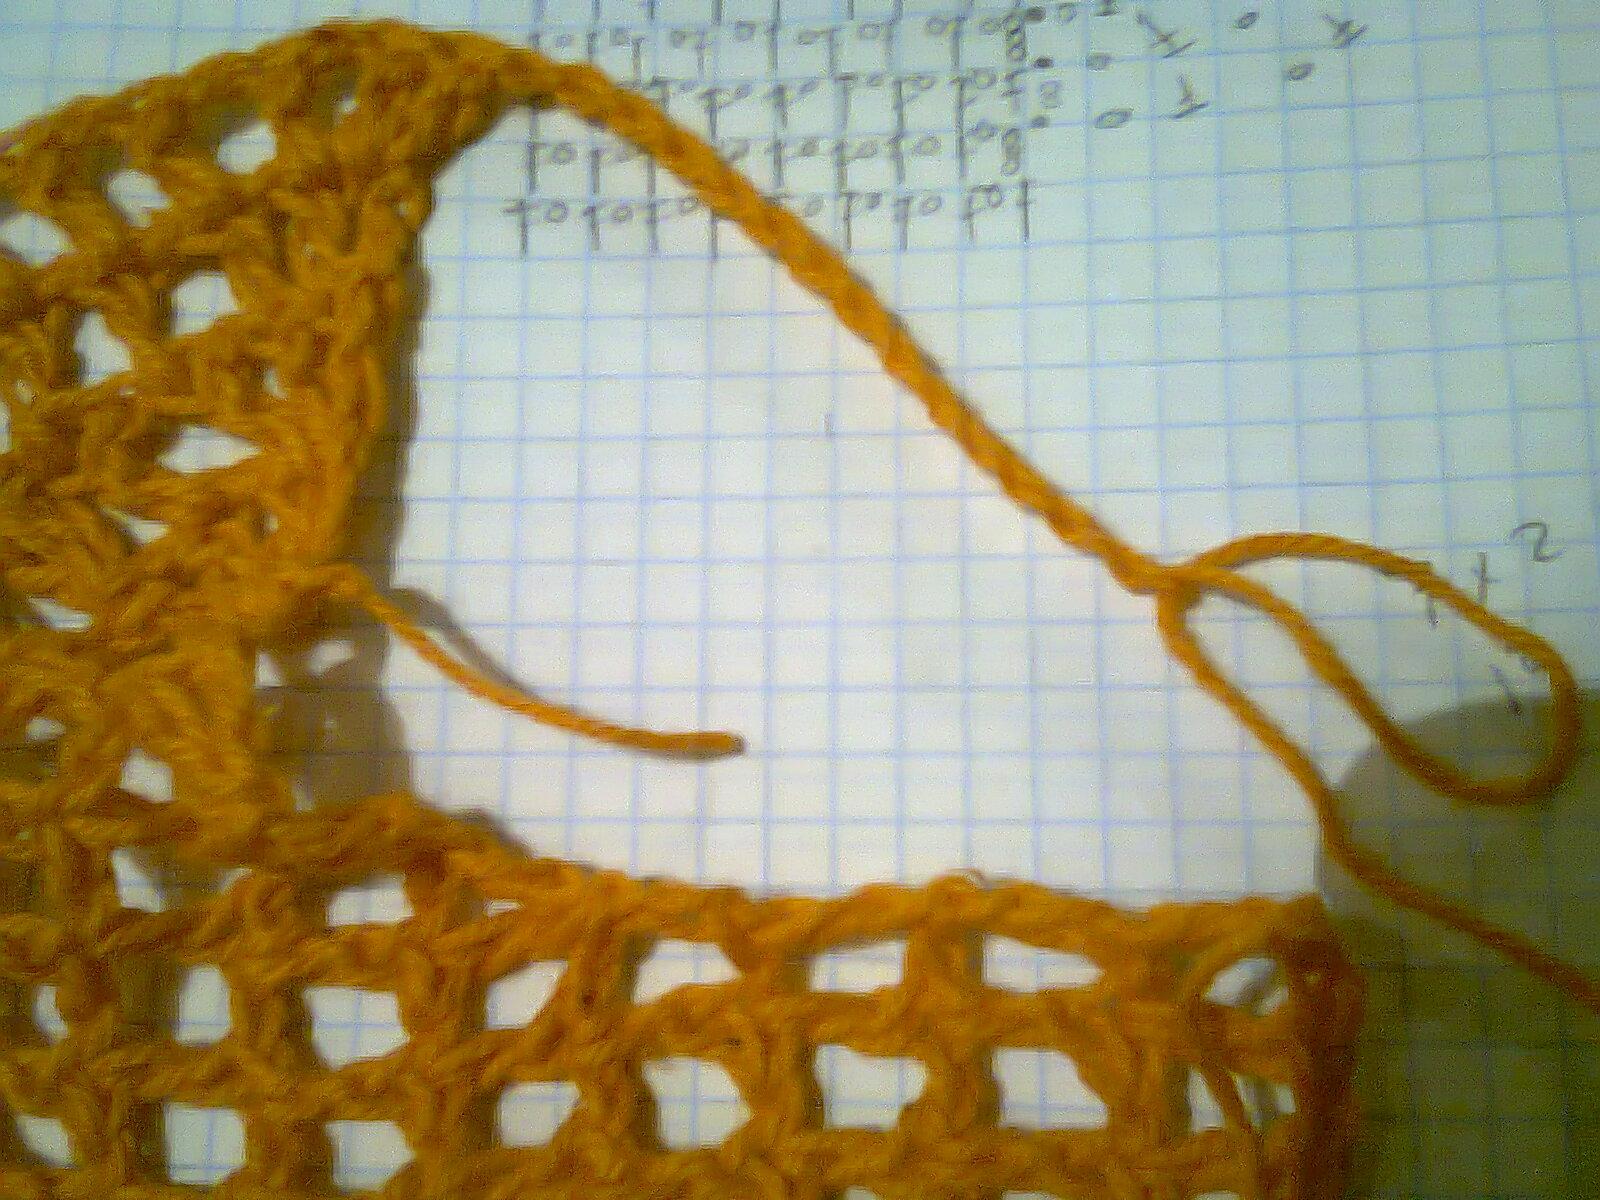 Kangél tejiendo con armonía : bolero con punto red y orilla a piñas